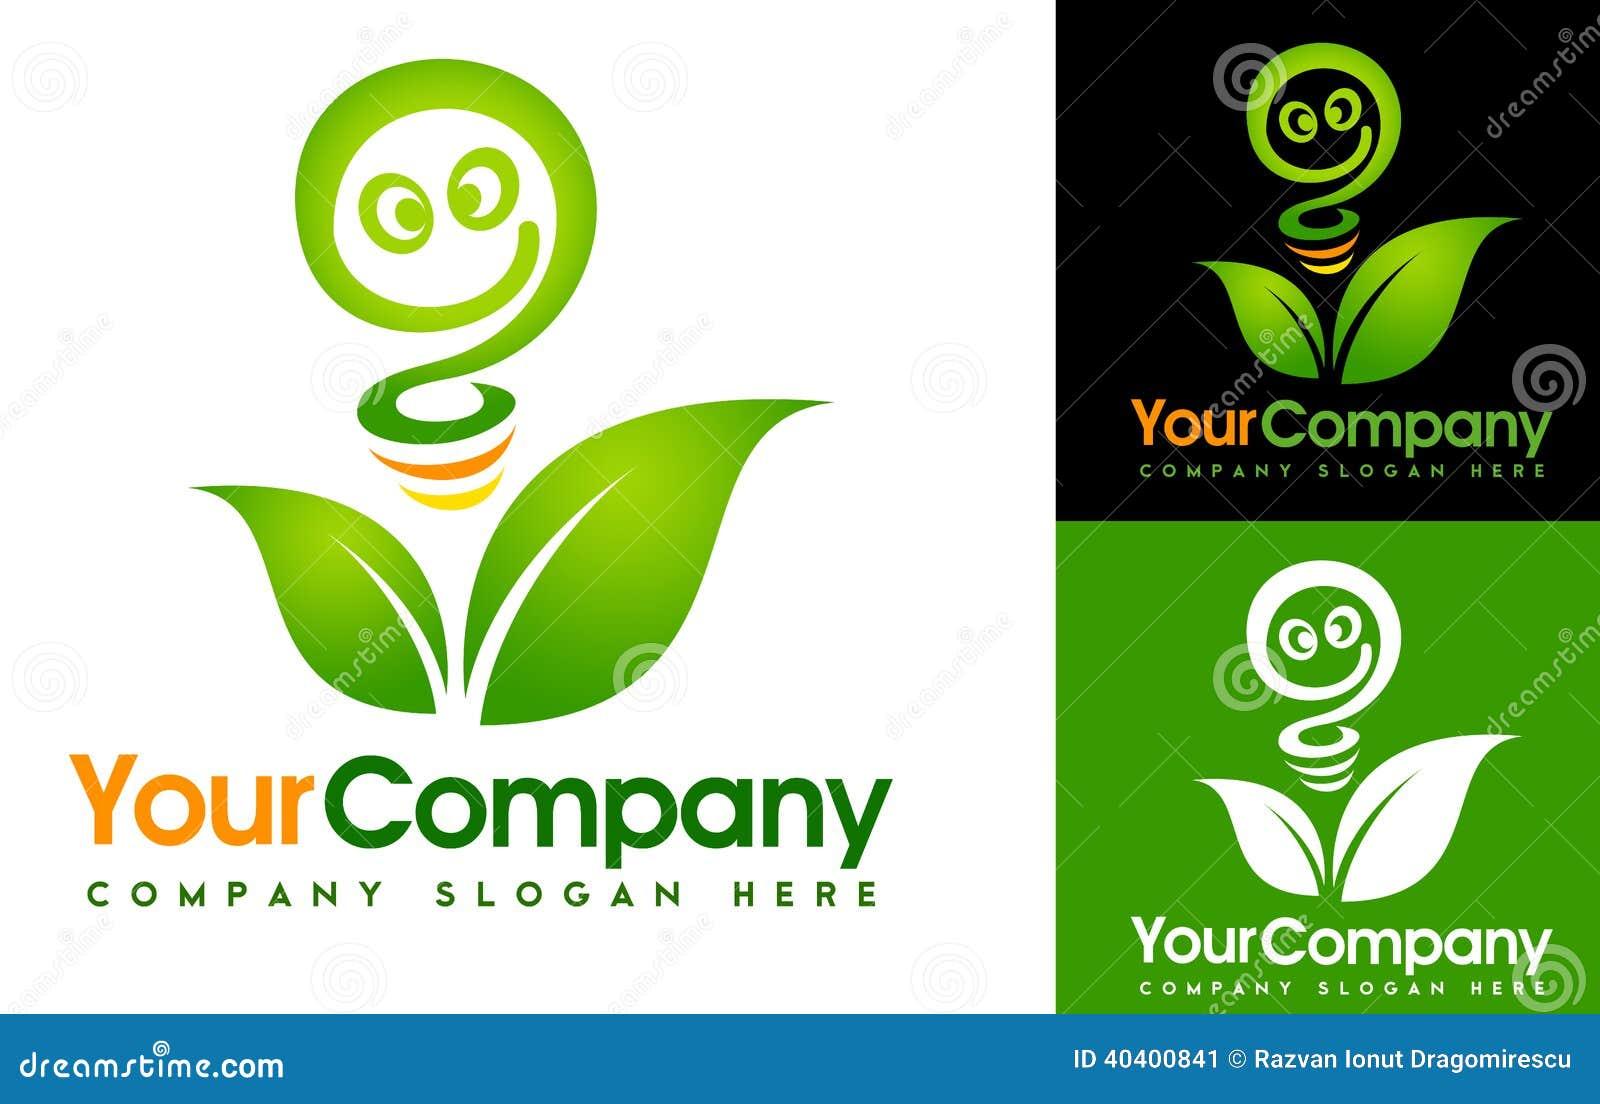 логотип эко: